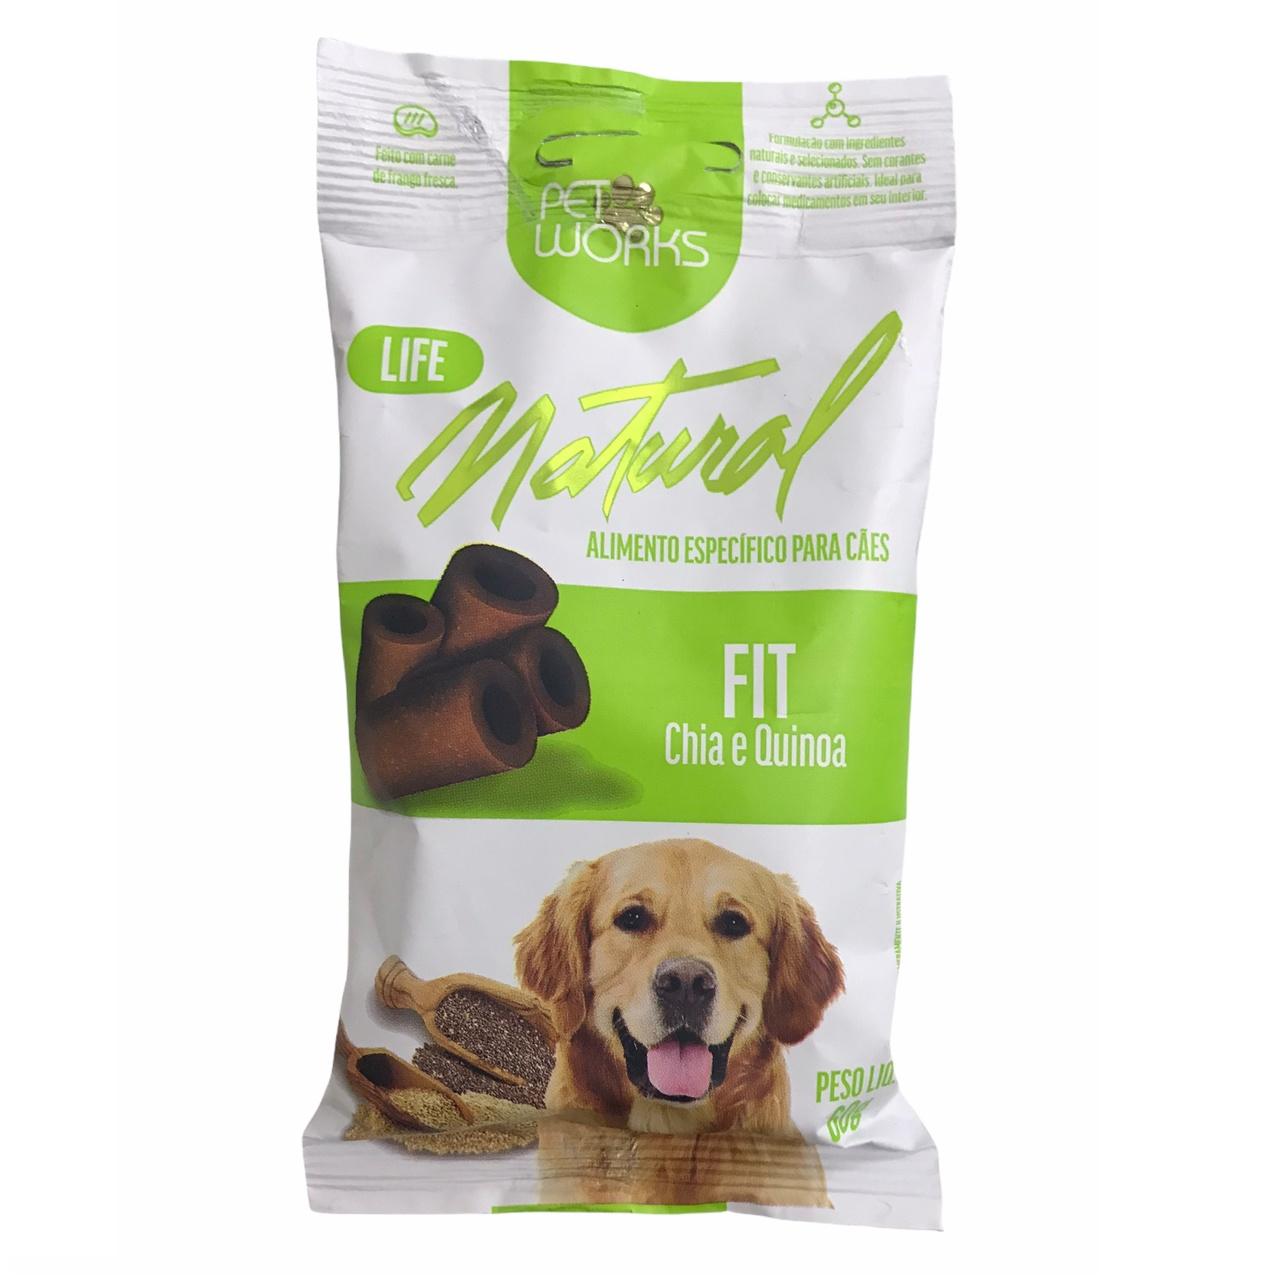 Petisco para Cães Life Natural Fit 60g - Pet Works